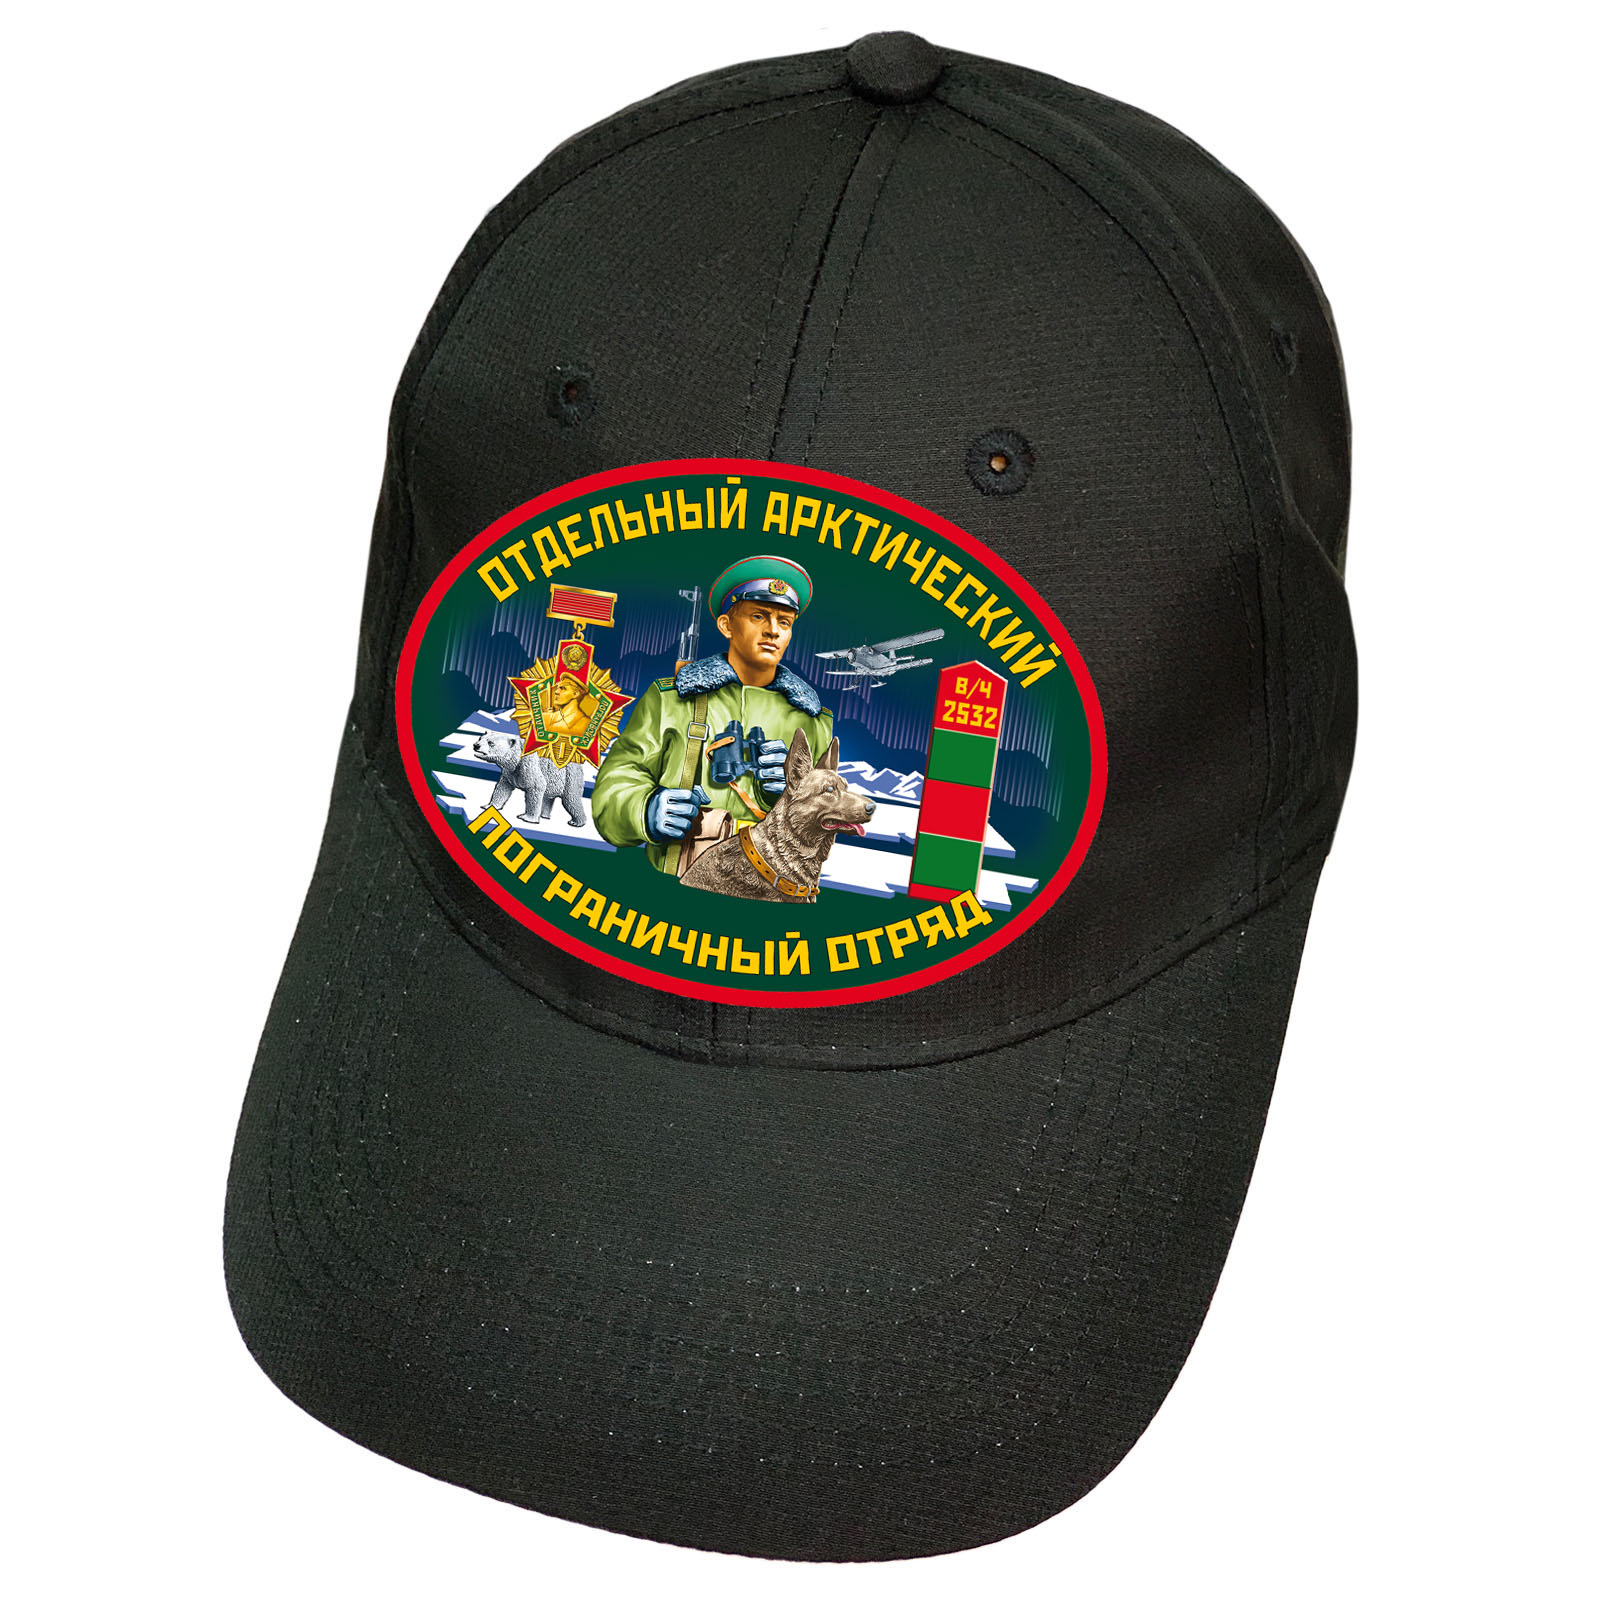 Чёрная бейсболка Отдельный Арктический пограничный отряд